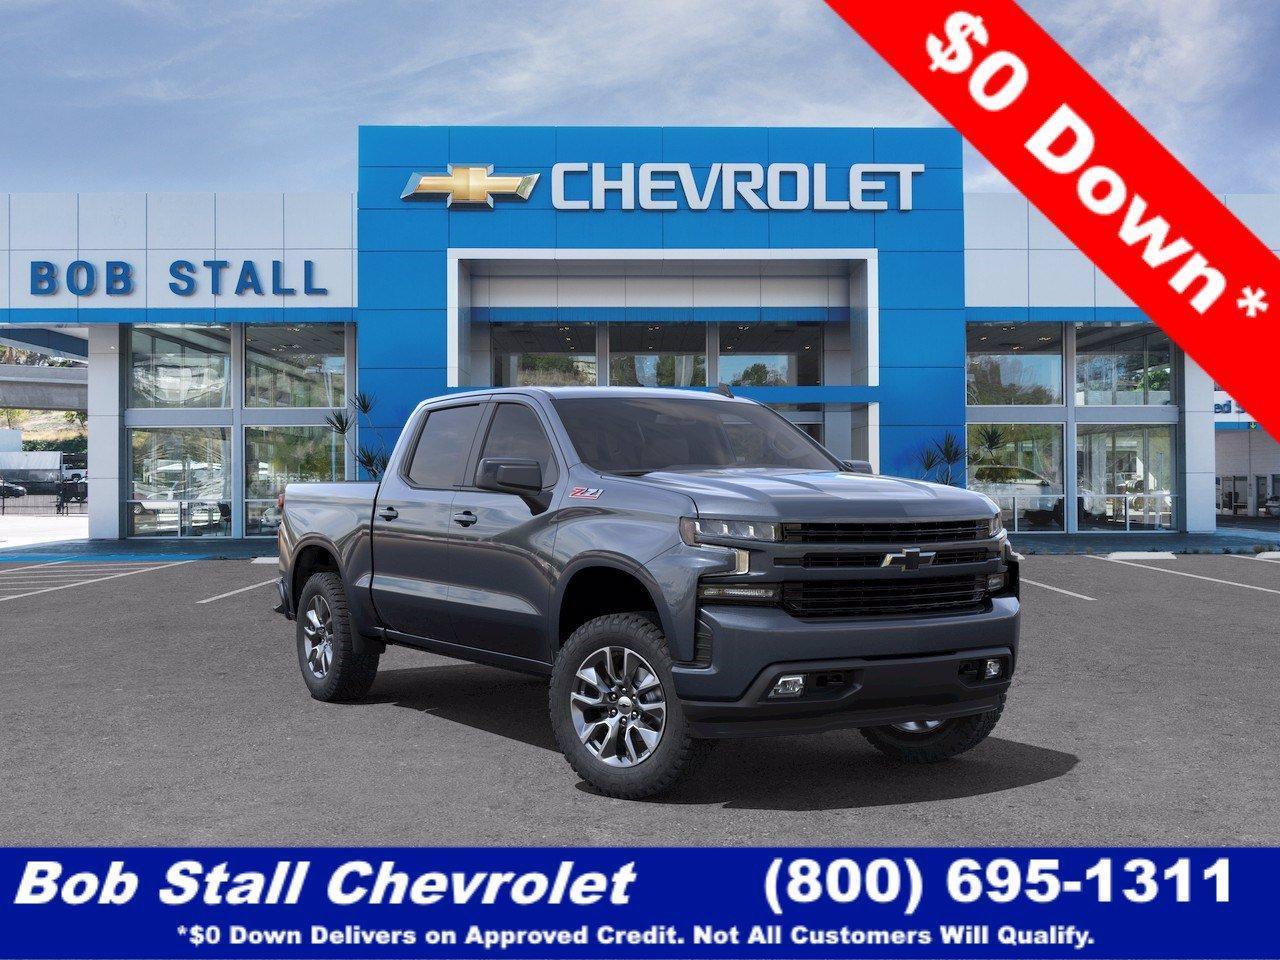 2021 Chevrolet Silverado 1500 Vehicle Photo in La Mesa, CA 91942